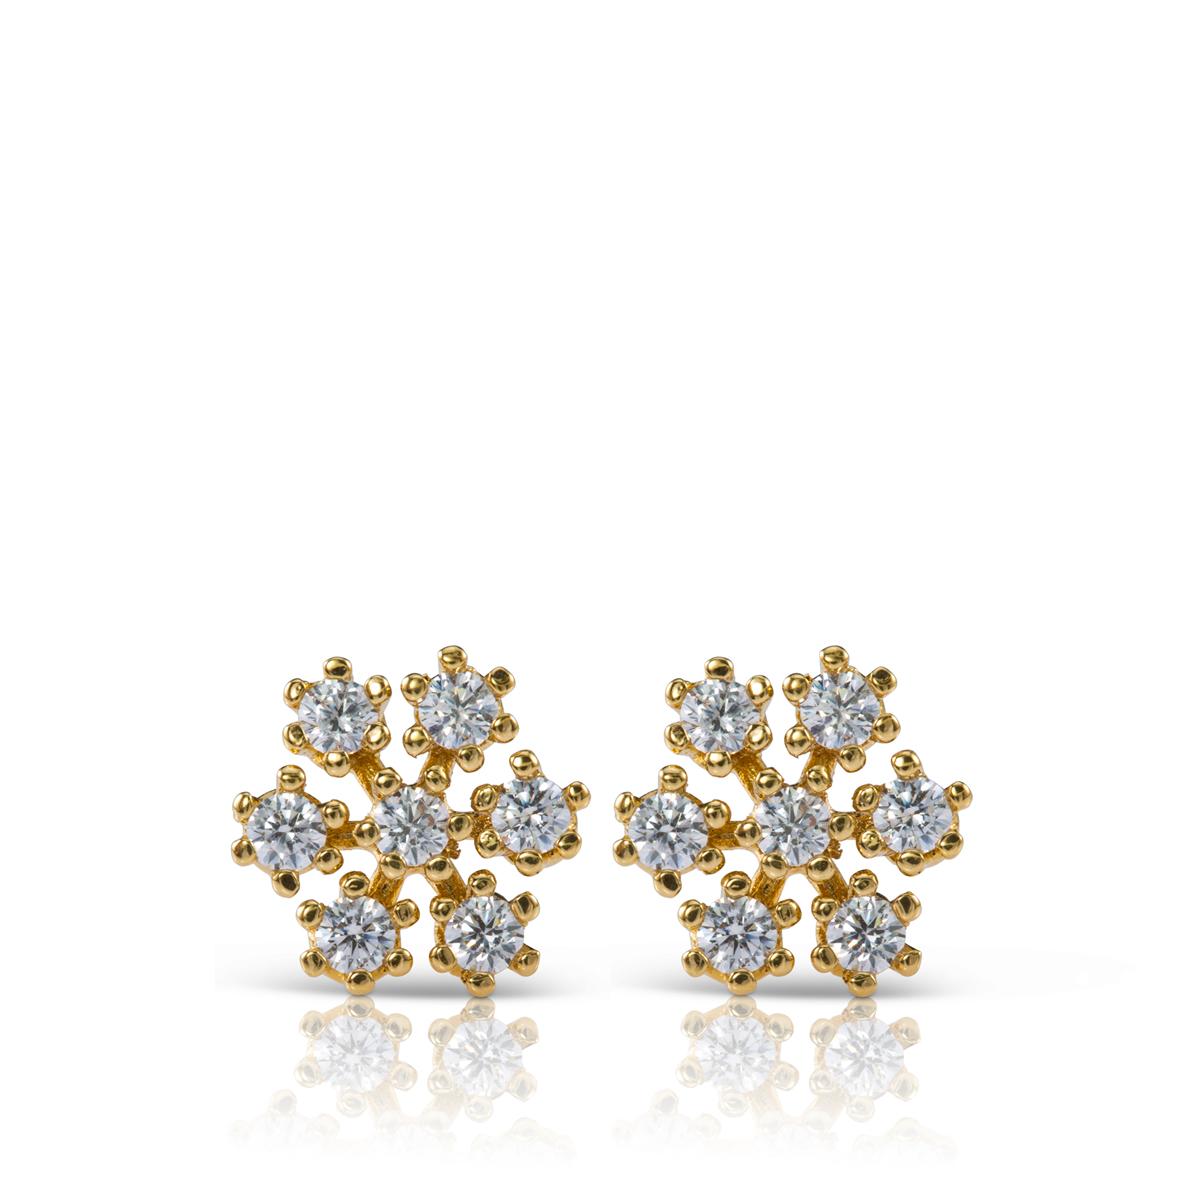 עגילי יהלומים צמודים בהשראת פתית שלג